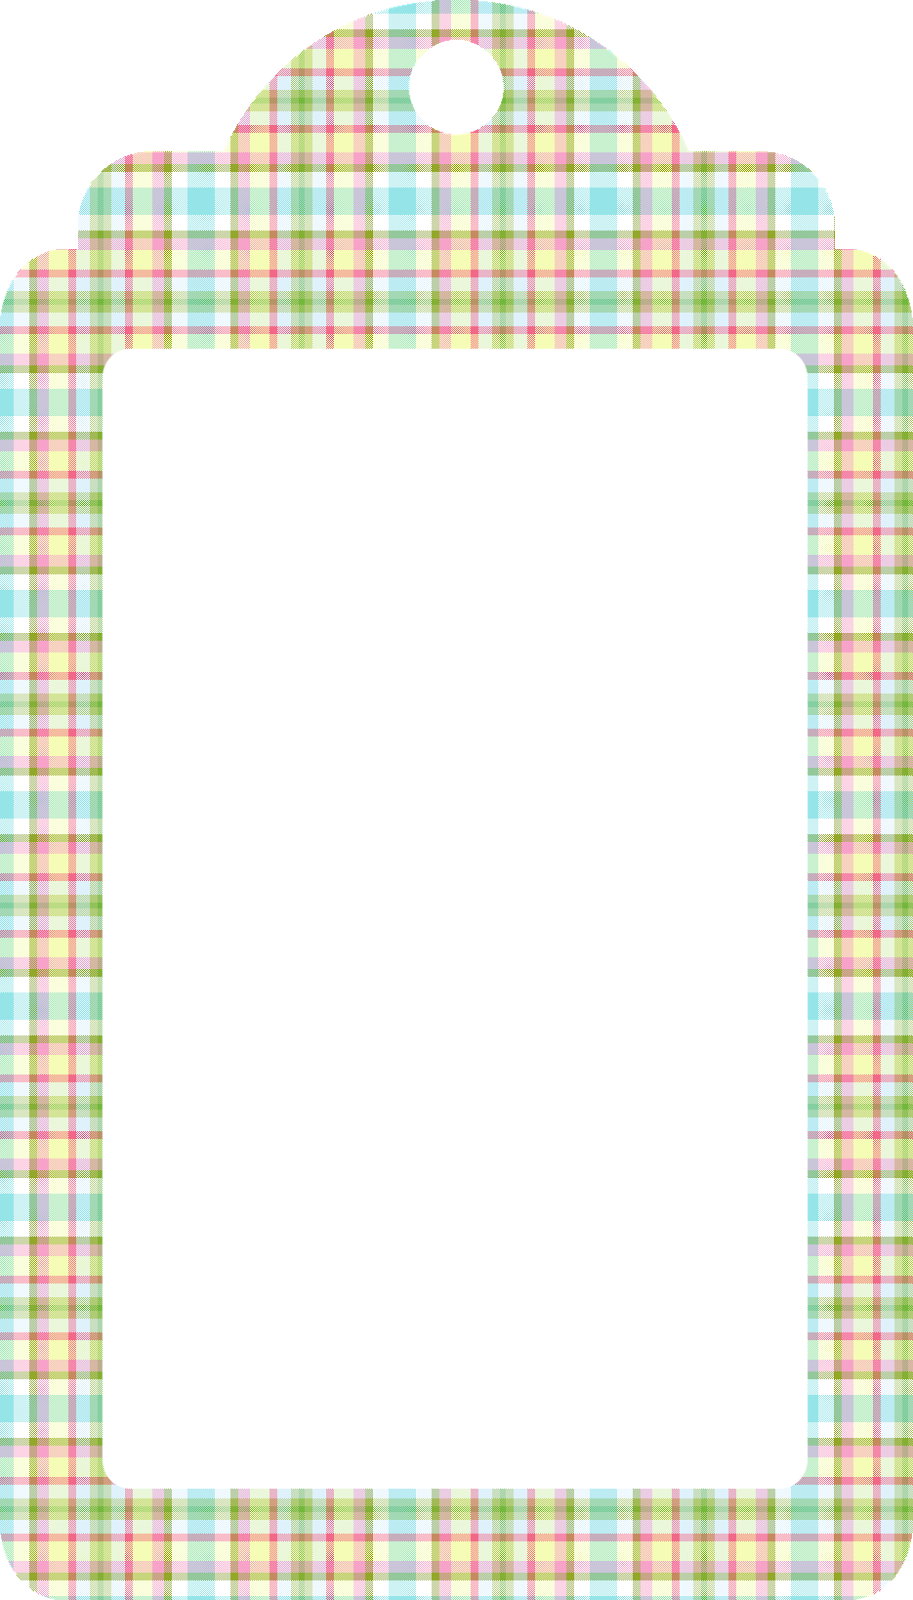 Tag/etiquetas grátis para imprimir | TAGS